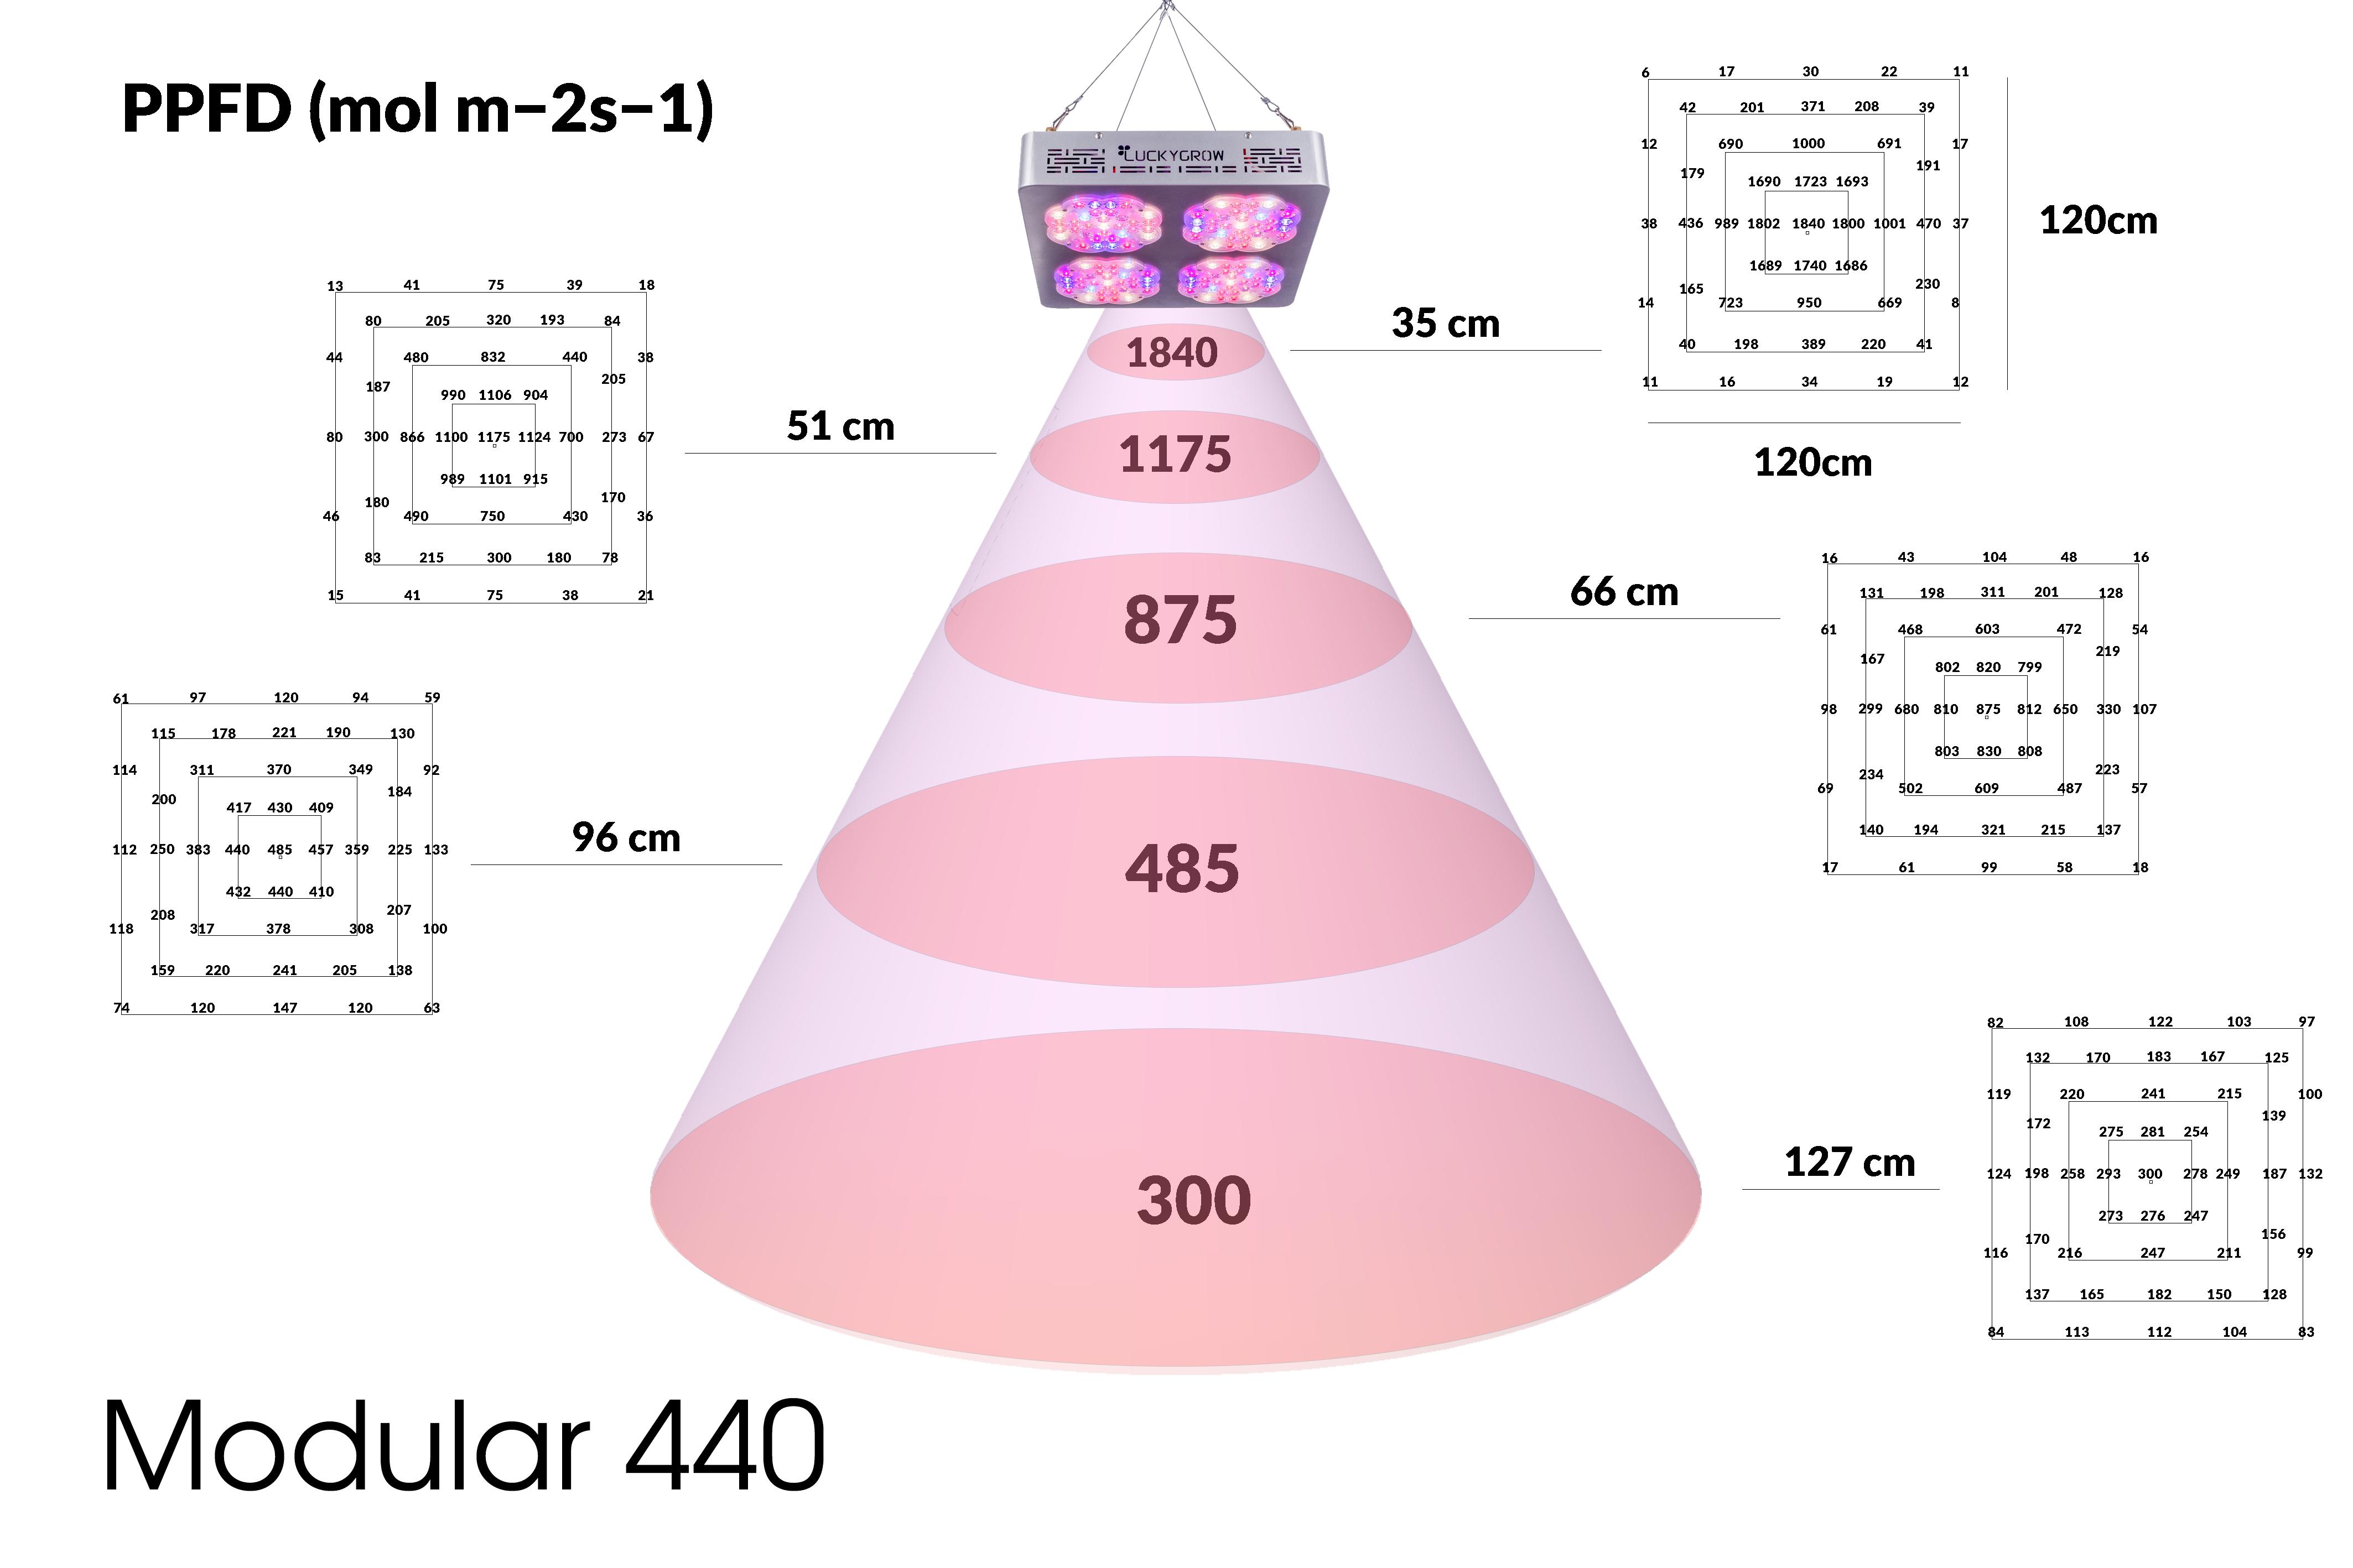 Luckygrow modular440 PAR